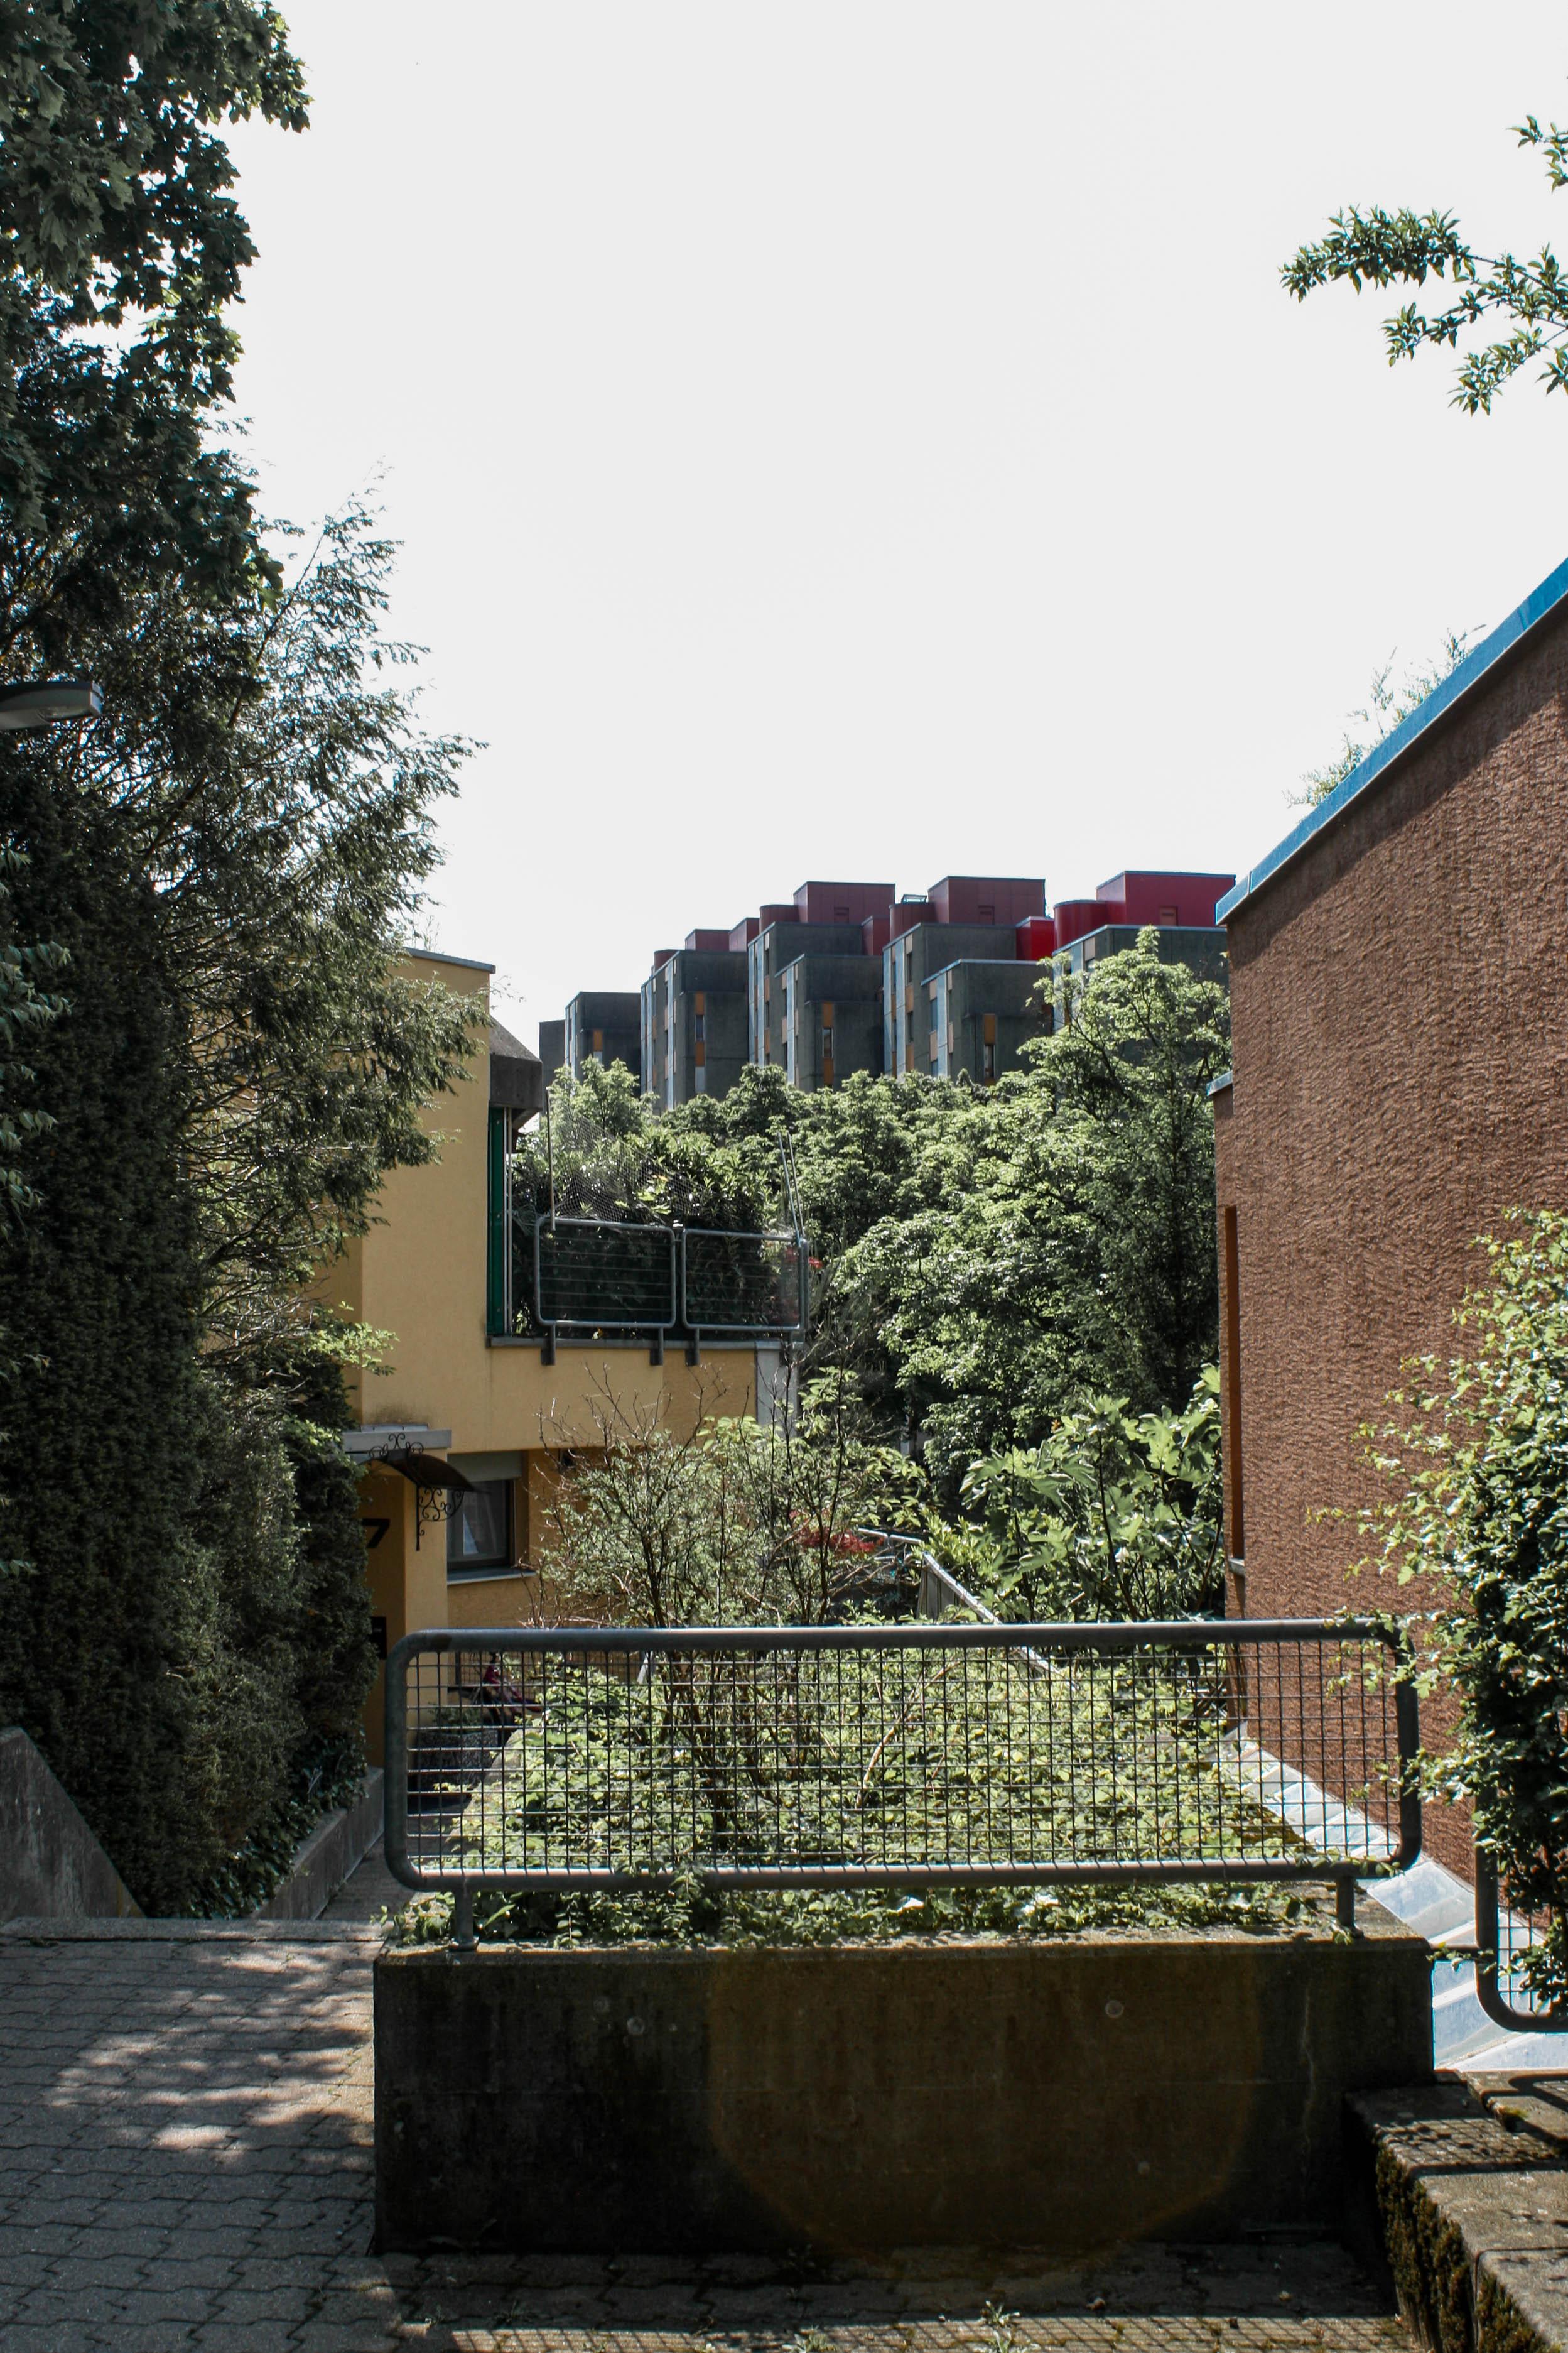 balkongrüm (33 von 1).jpg